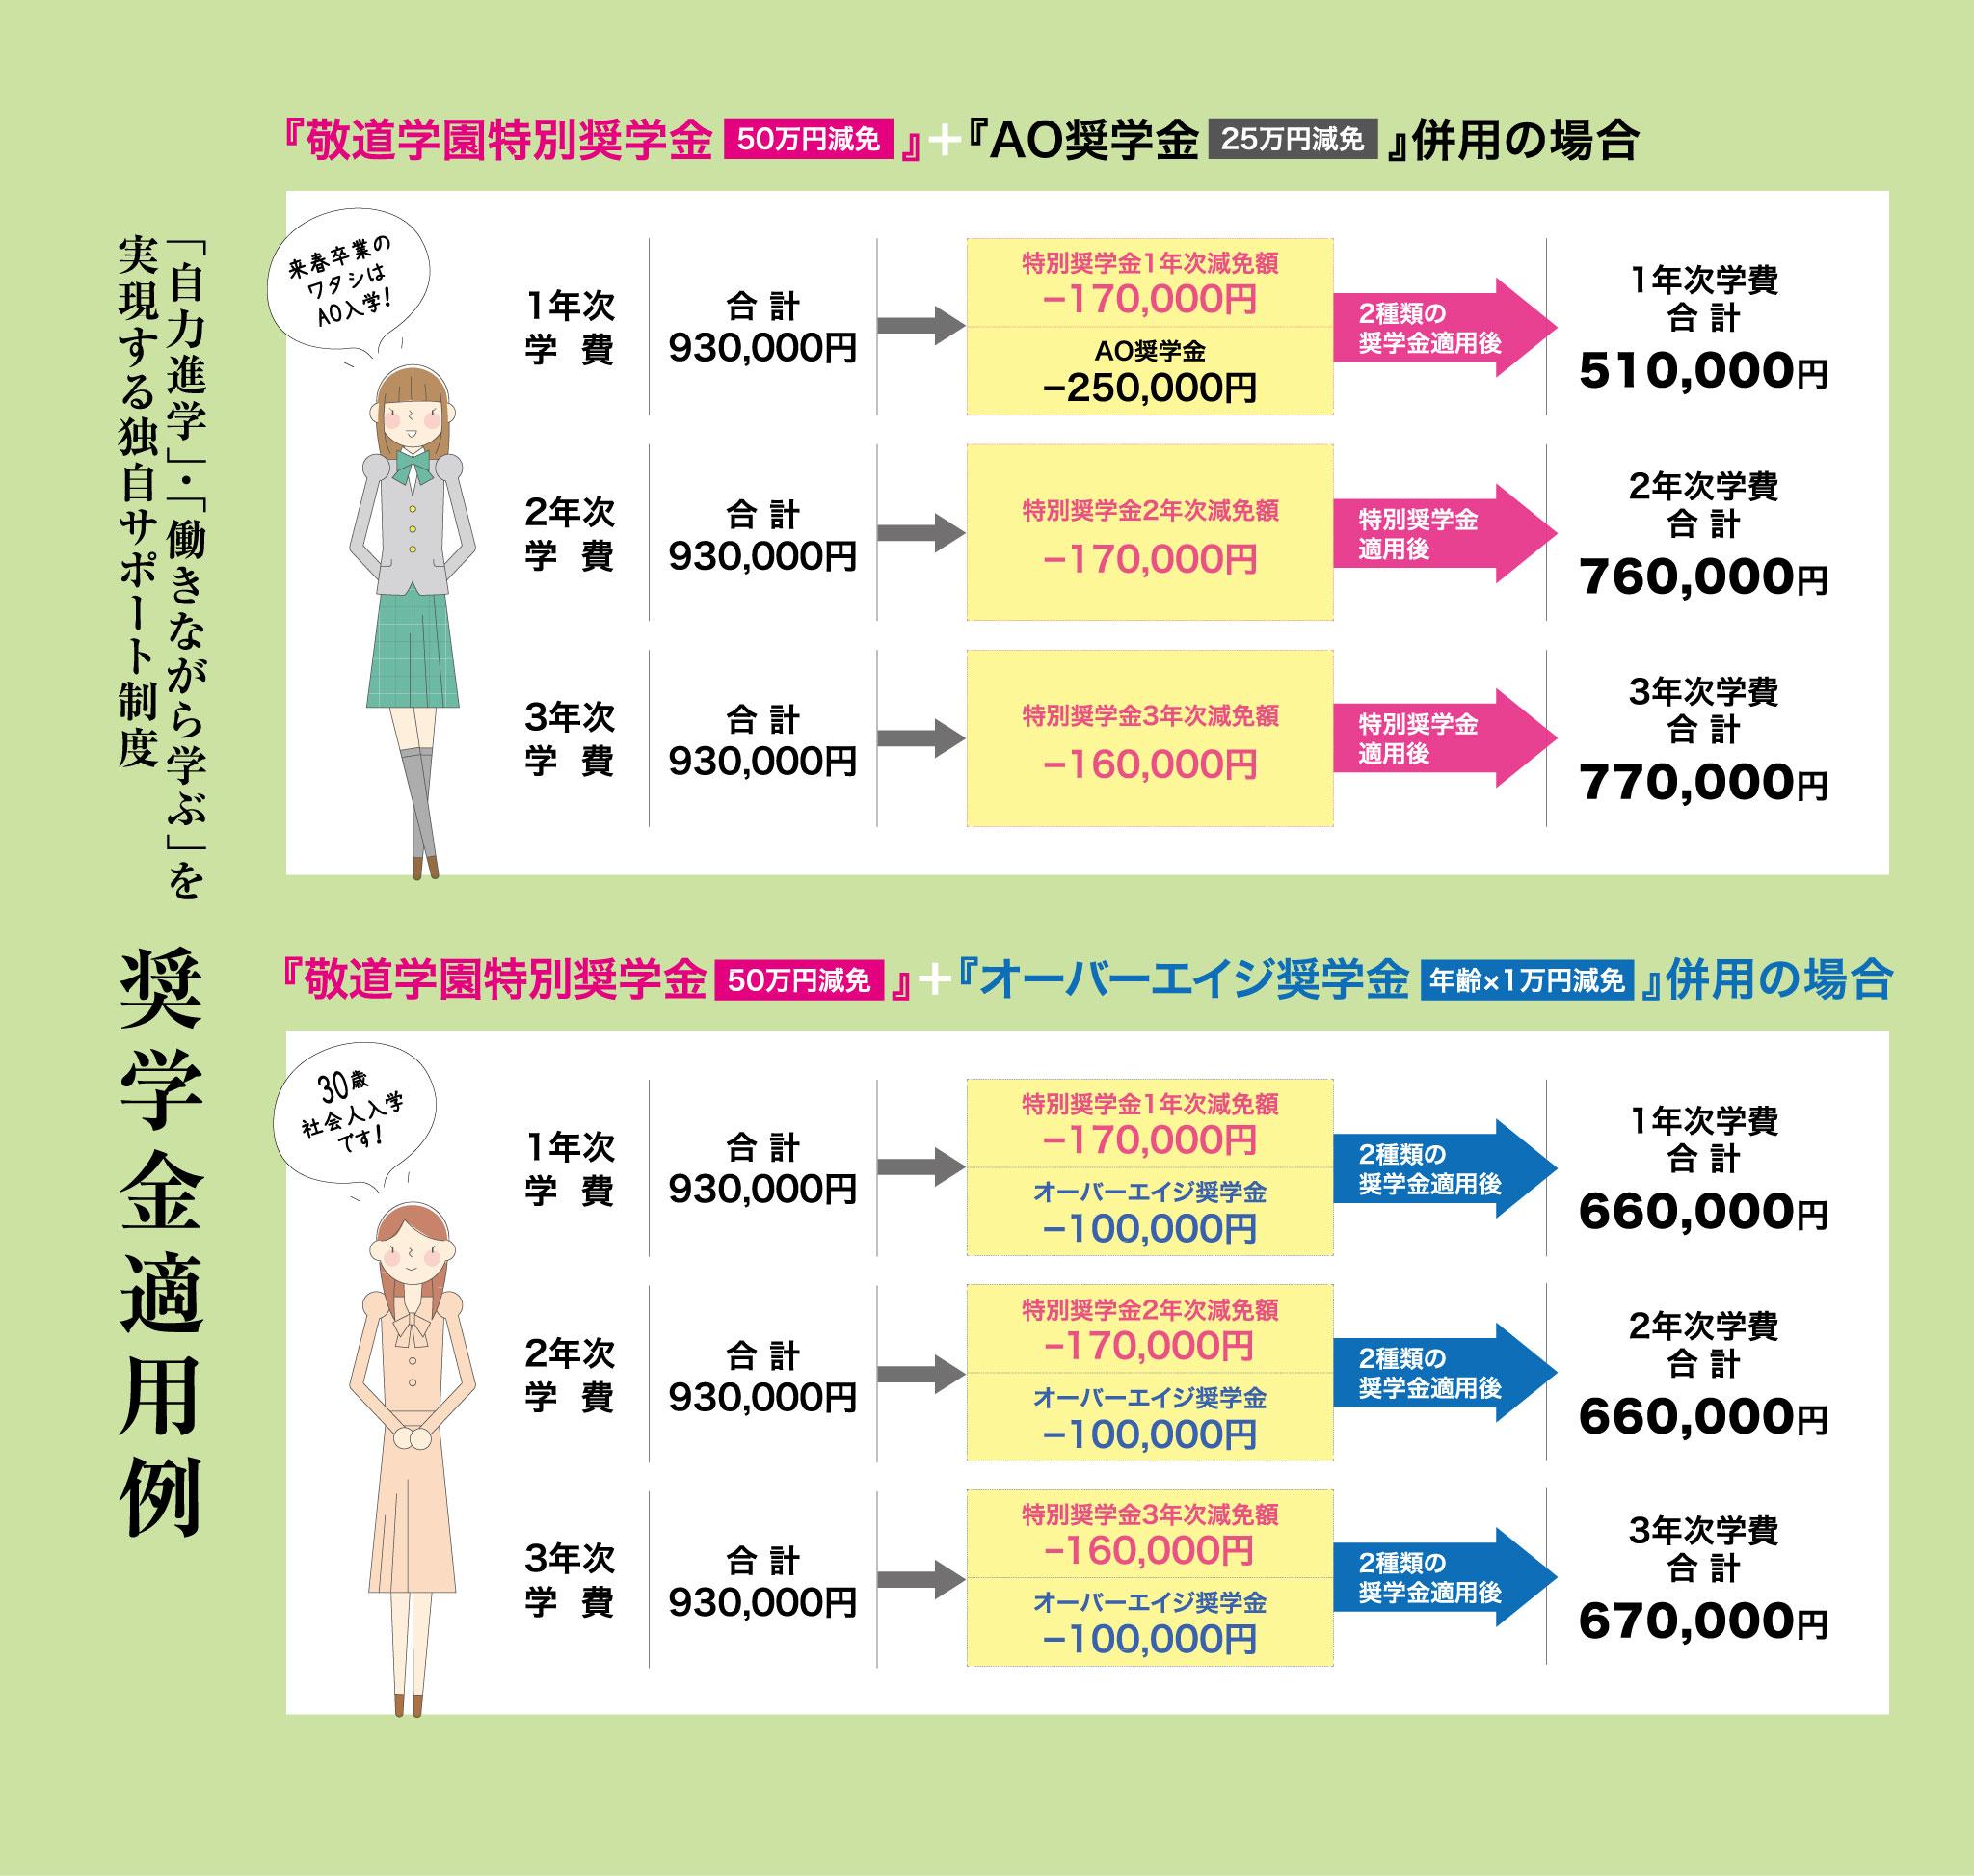 敬道学園特別奨学金+AO奨学金